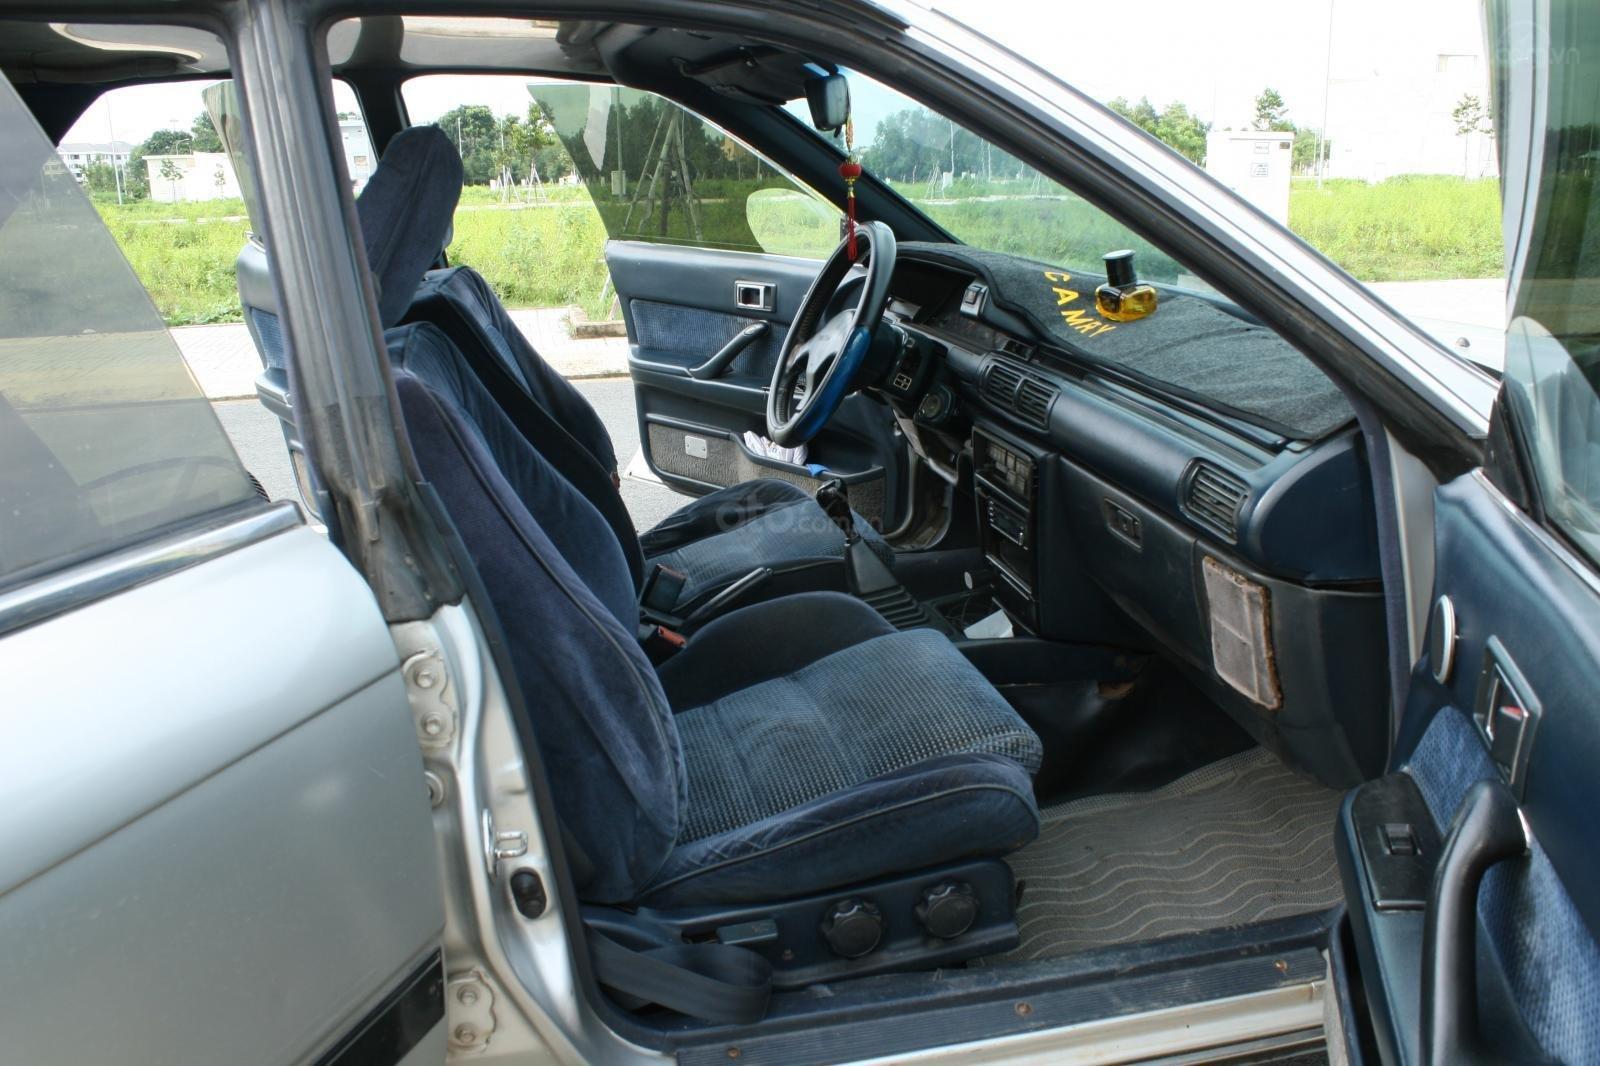 Bán ô tô Toyota Camry đời 1987, màu bạc, nhập khẩu nguyên chiếc chính chủ, giá 90tr (6)